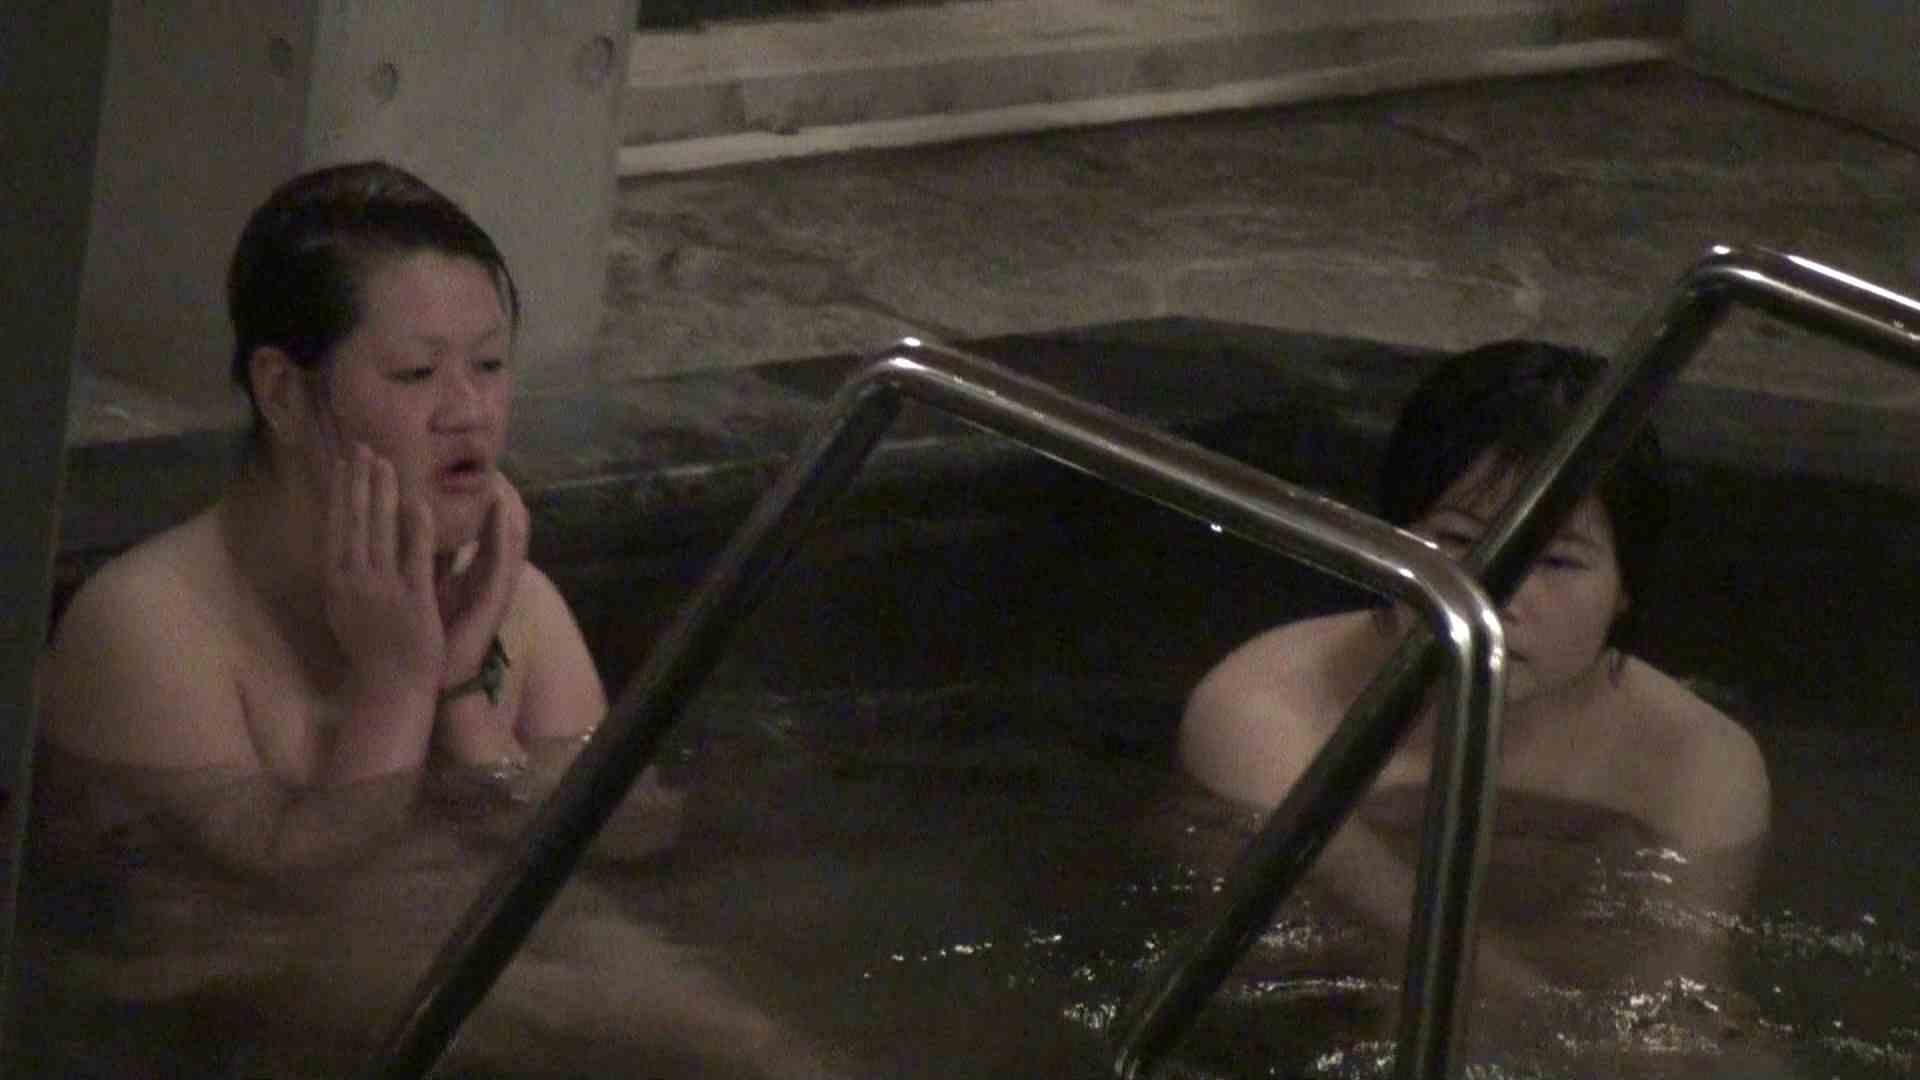 Aquaな露天風呂Vol.384 OL女体 | 女体盗撮  82連発 70